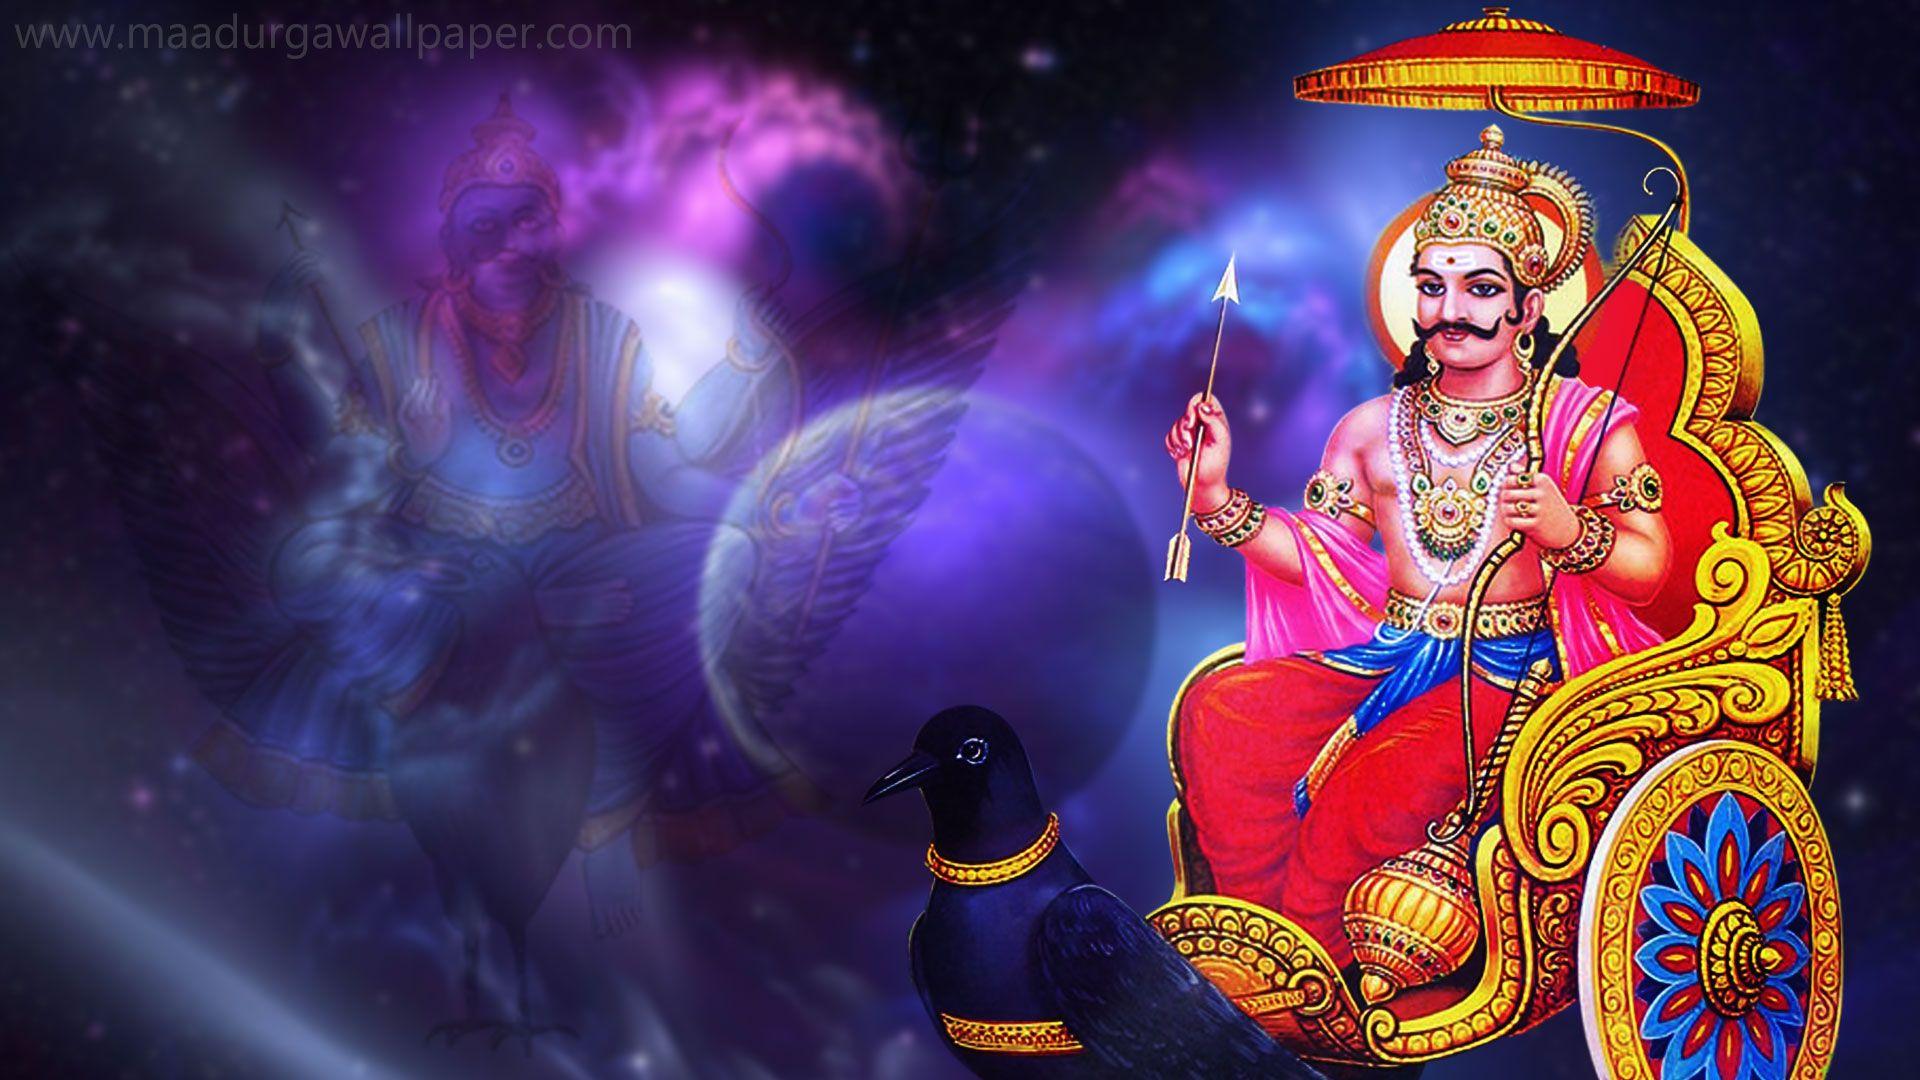 Shani Dev Hd Wallpaper Full Size 1080p Free Download Shani Dev Hd Images Hd Wallpaper